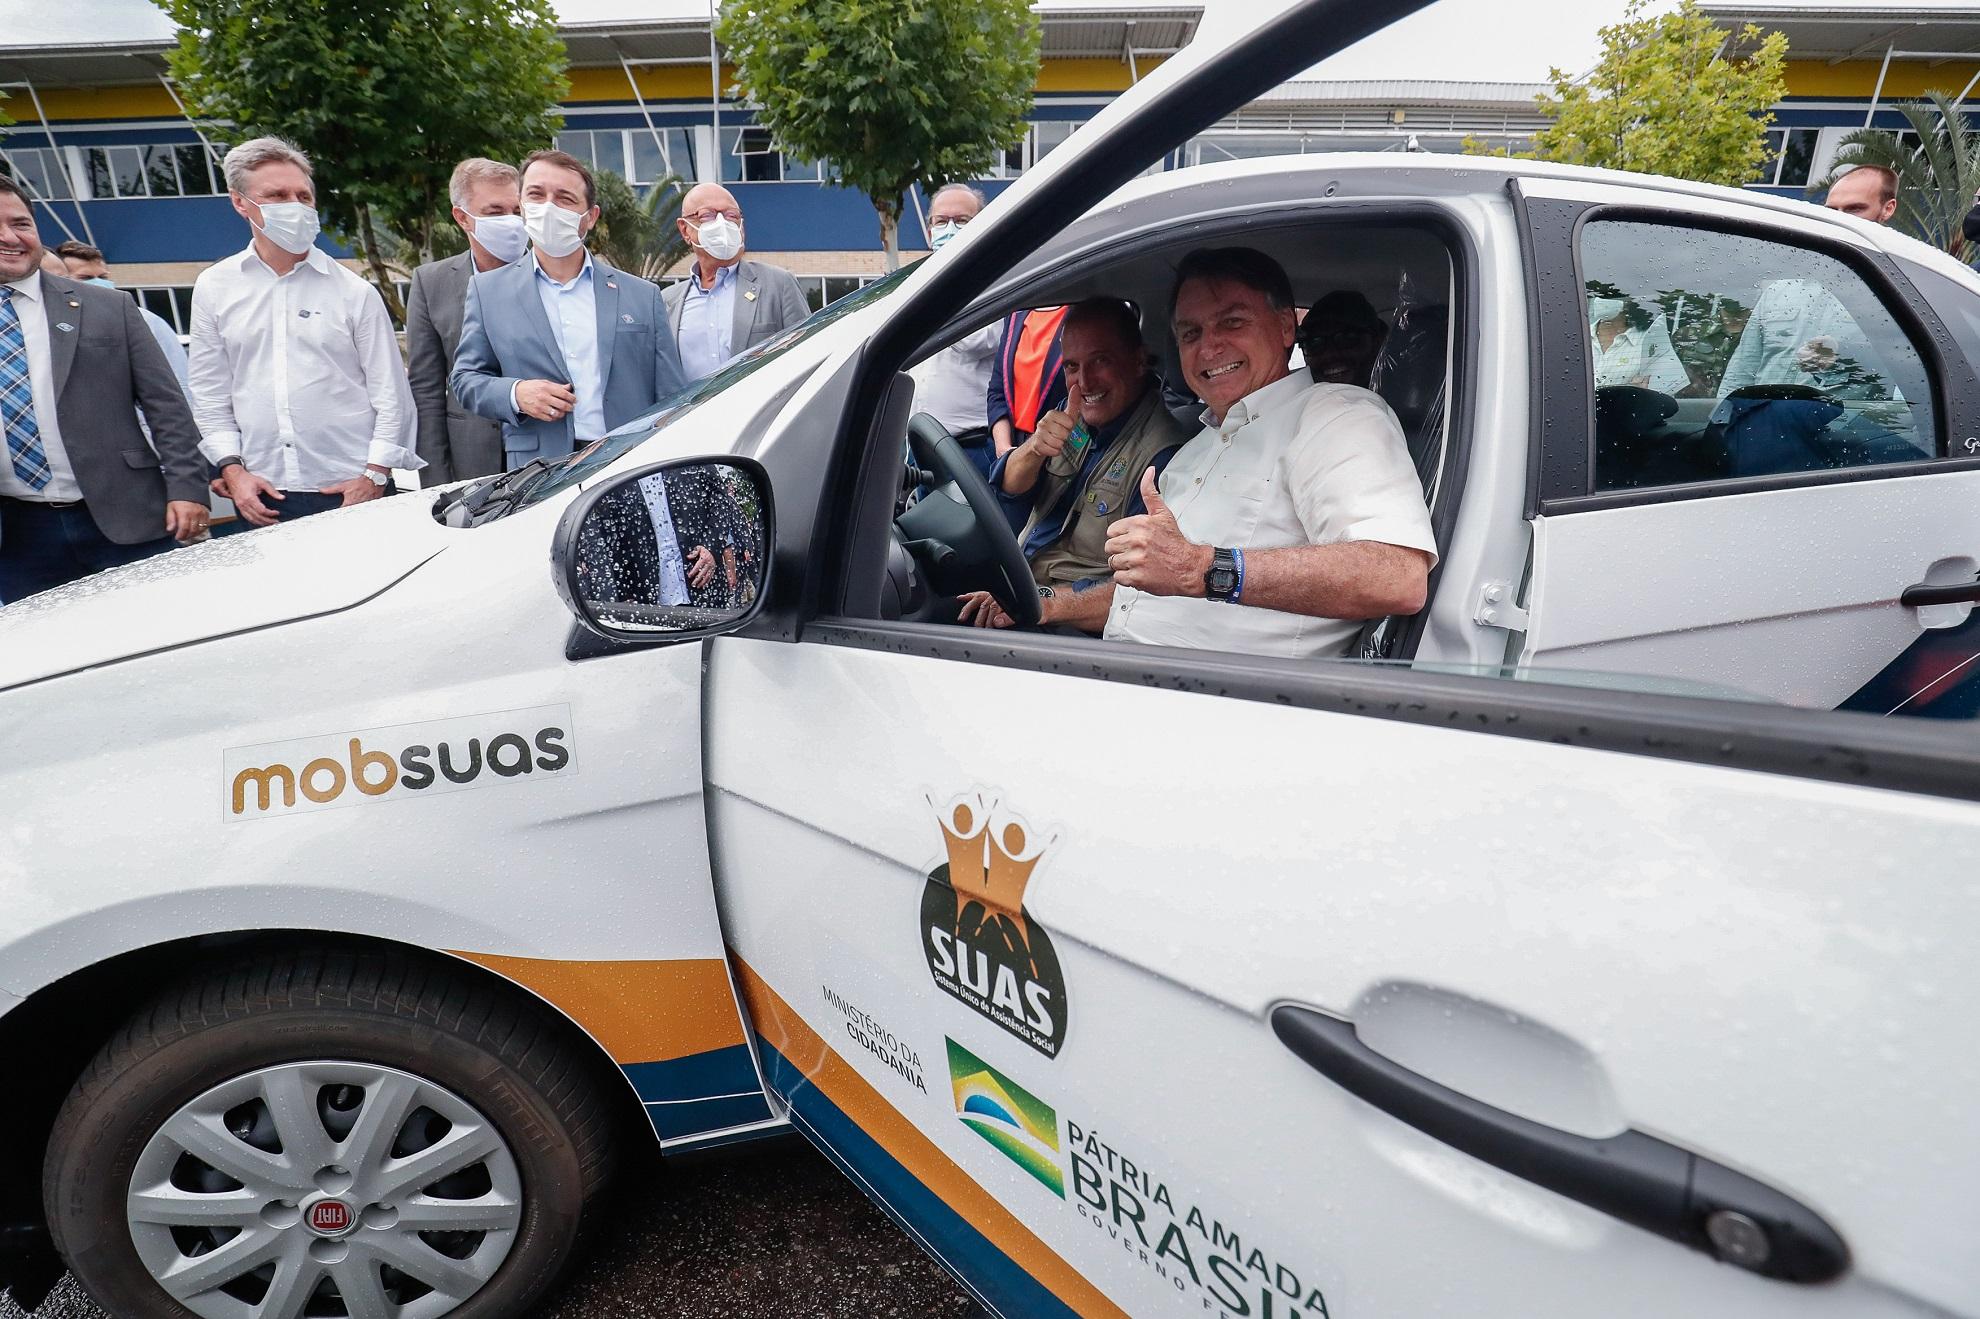 (Florianópolis - SC, 04/02/2021) Presidente da República Jair Bolsonaro, posa para fotos com motoristas e inspeciona automóveis do sistema MOBSUAS.Foto: Alan Santos/PR